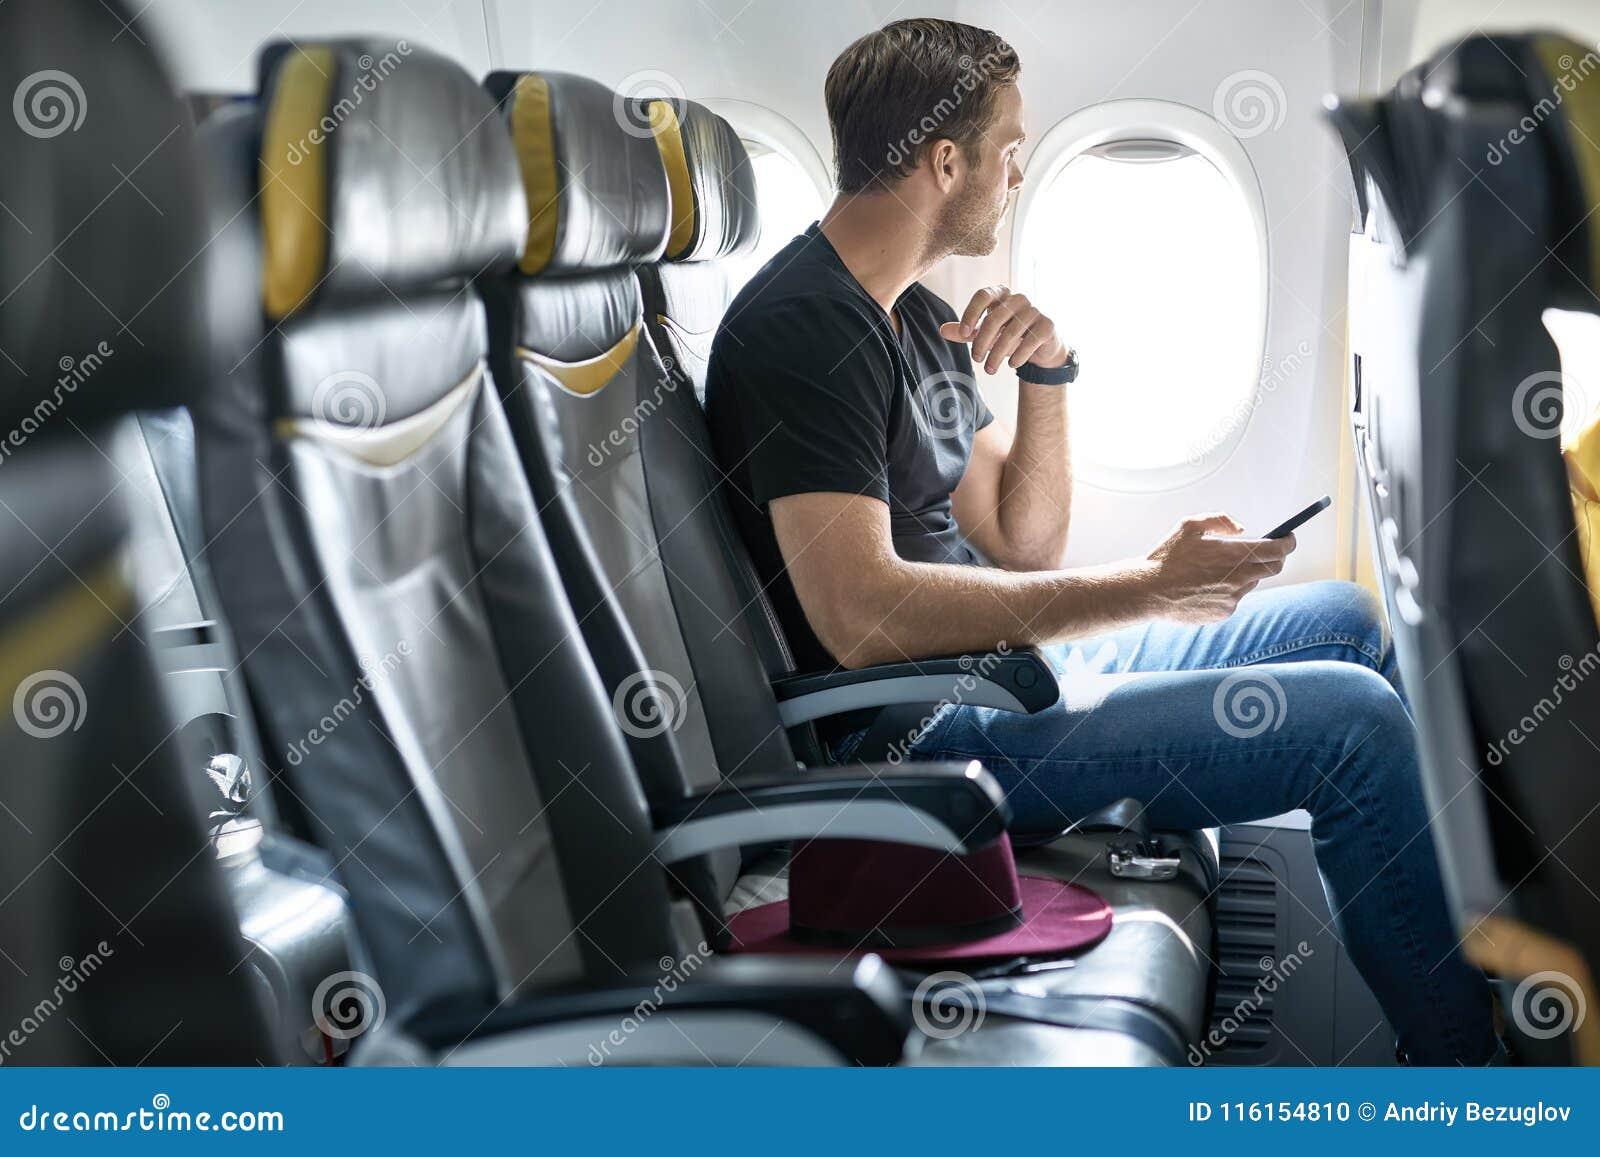 Hübscher Kerl im Flugzeug